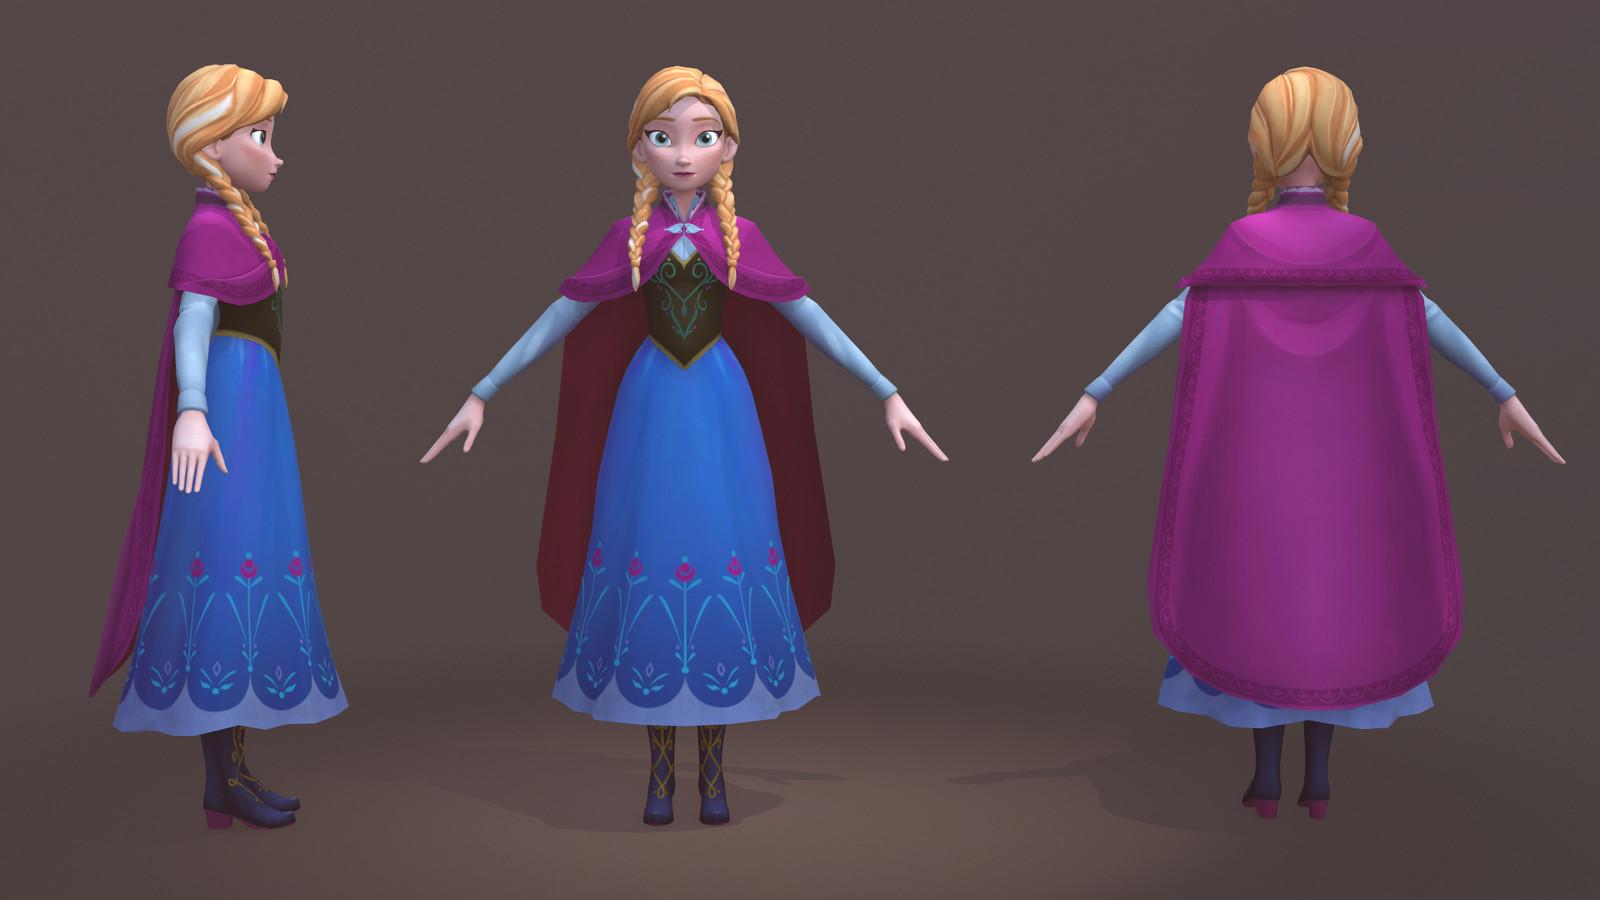 Original design scrapped for the new dress.